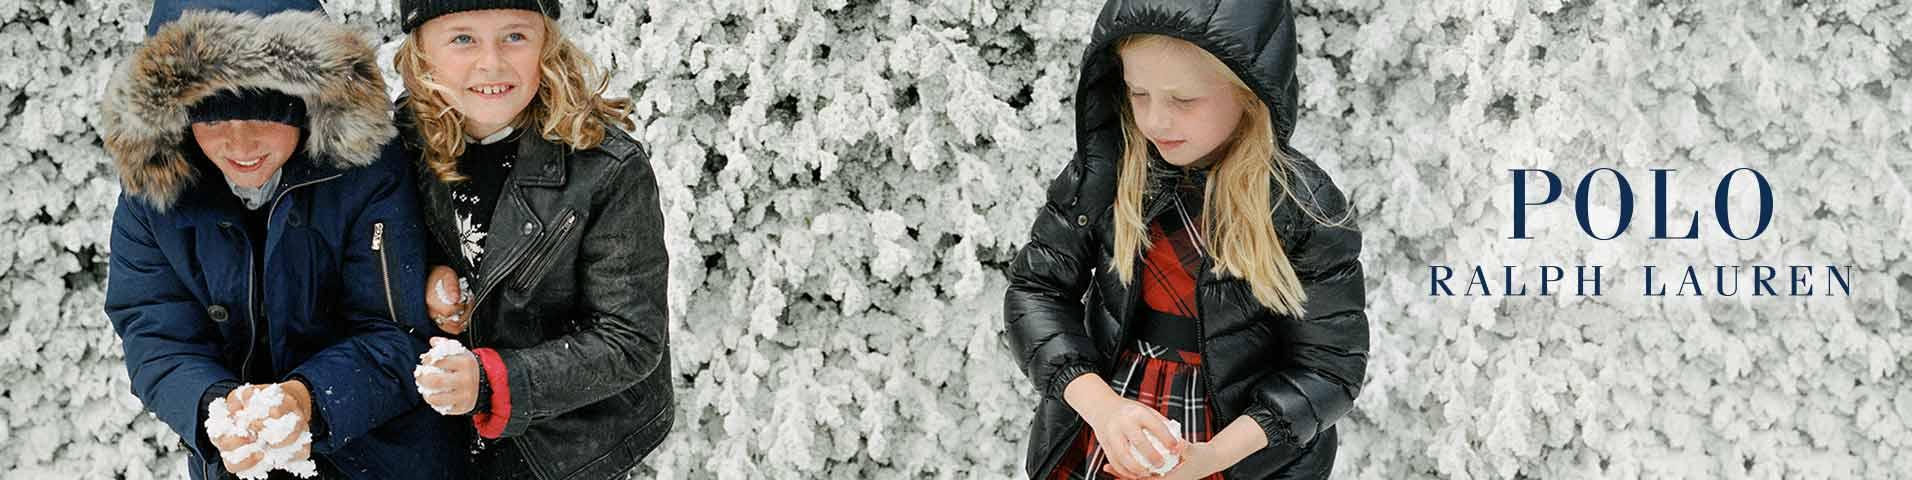 Zalando Polo Su Lauren Bimbi Promo Collezione Ralph qYx15wSB